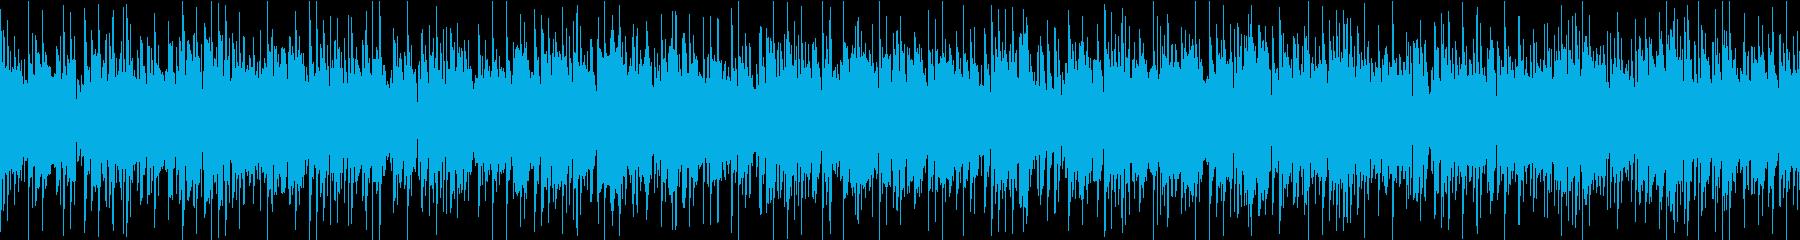 ジングルループ ワブル、EDM、トランスの再生済みの波形